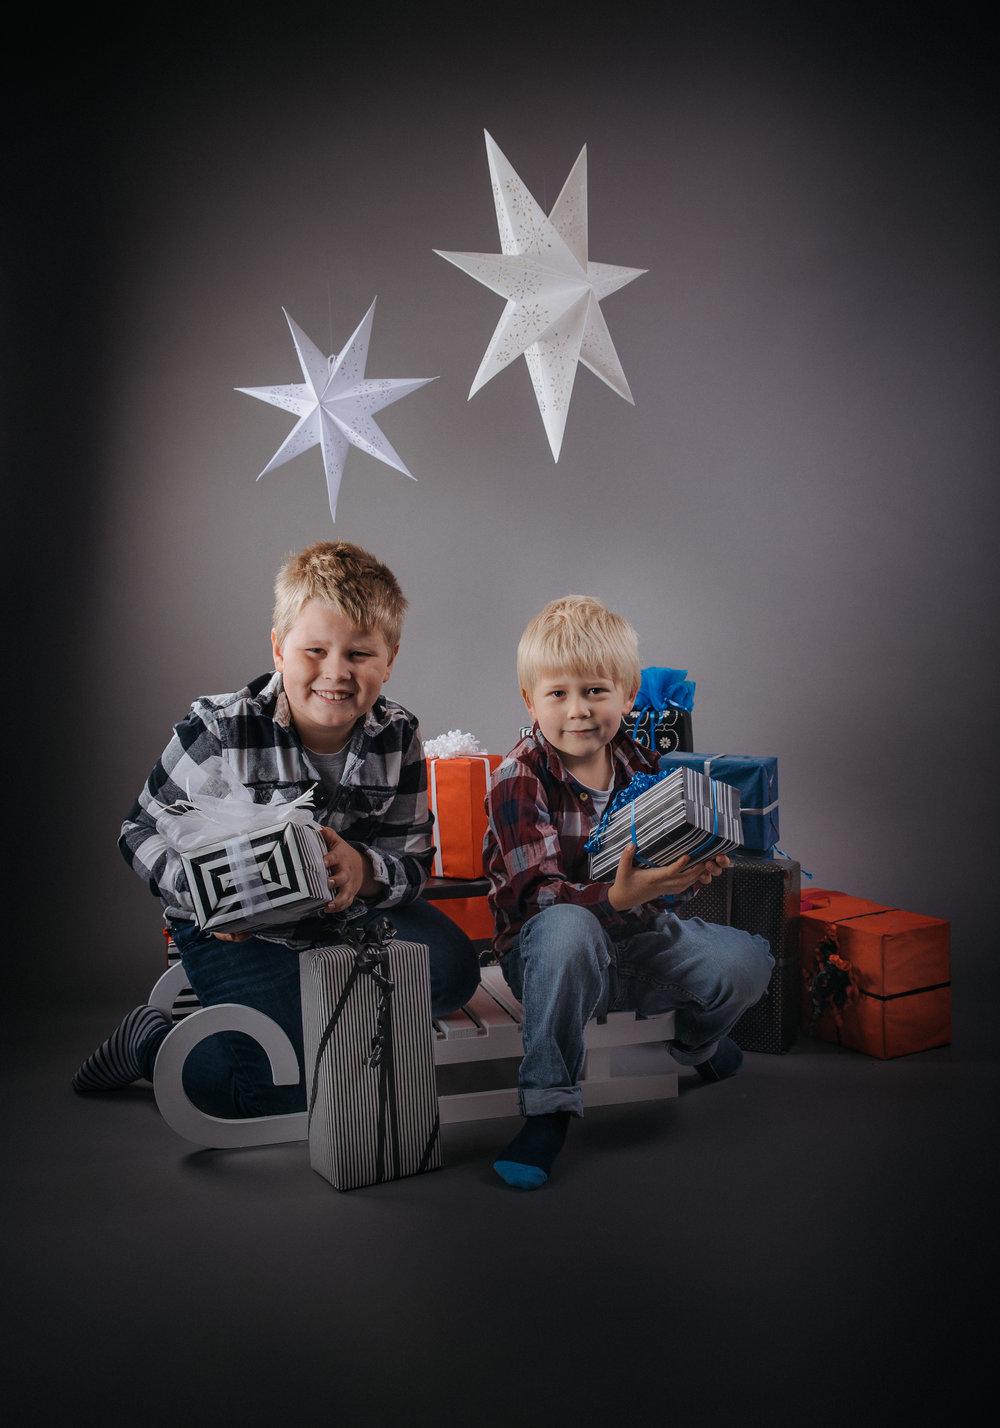 joulukorttikuvaus_Roni&riku_nettikoko-0388.jpg